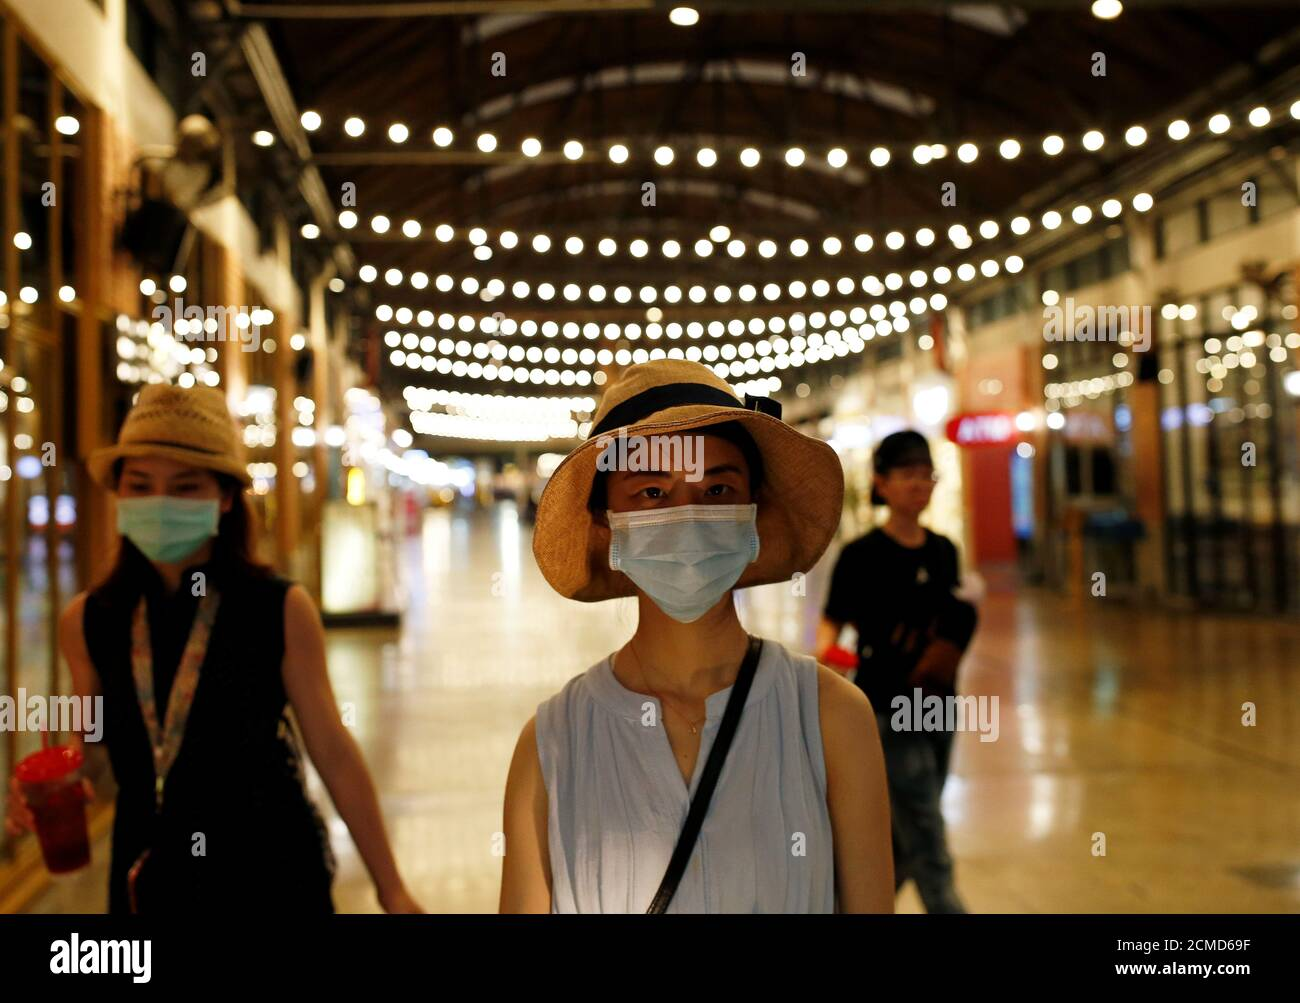 Les touristes sont vus dans un marché nocturne asiatique presque vide à Bangkok, Thaïlande 2 mars 2020. REUTERS/SOE Zeya Tun Banque D'Images